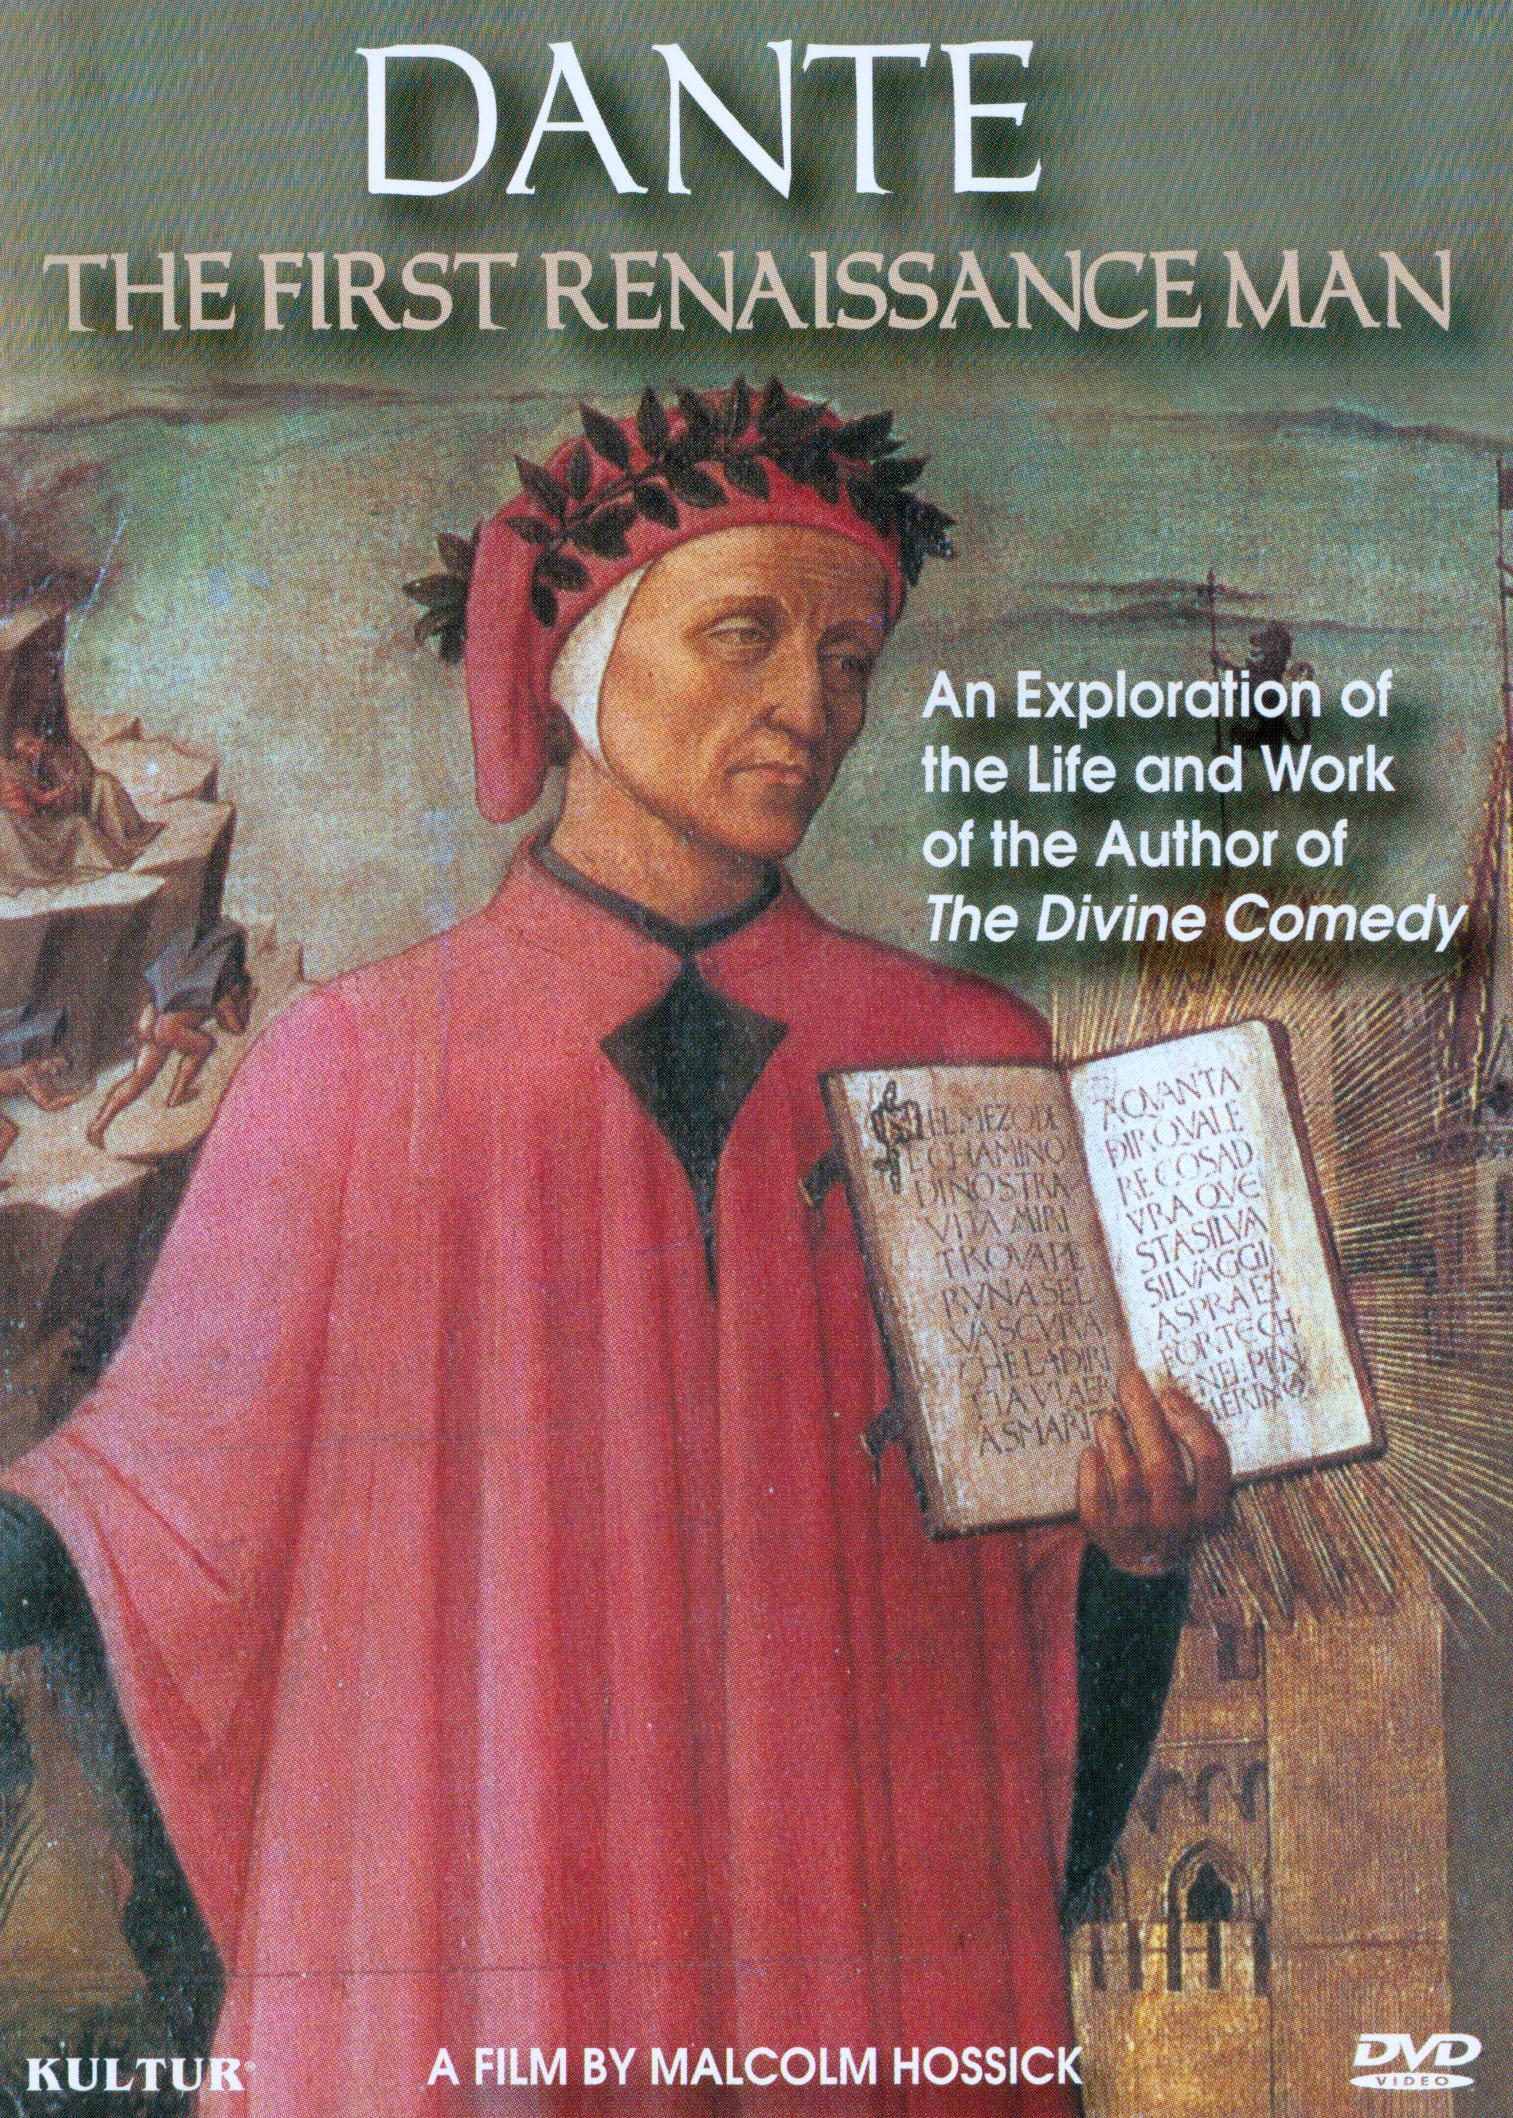 Dante: The First Renaissance Man